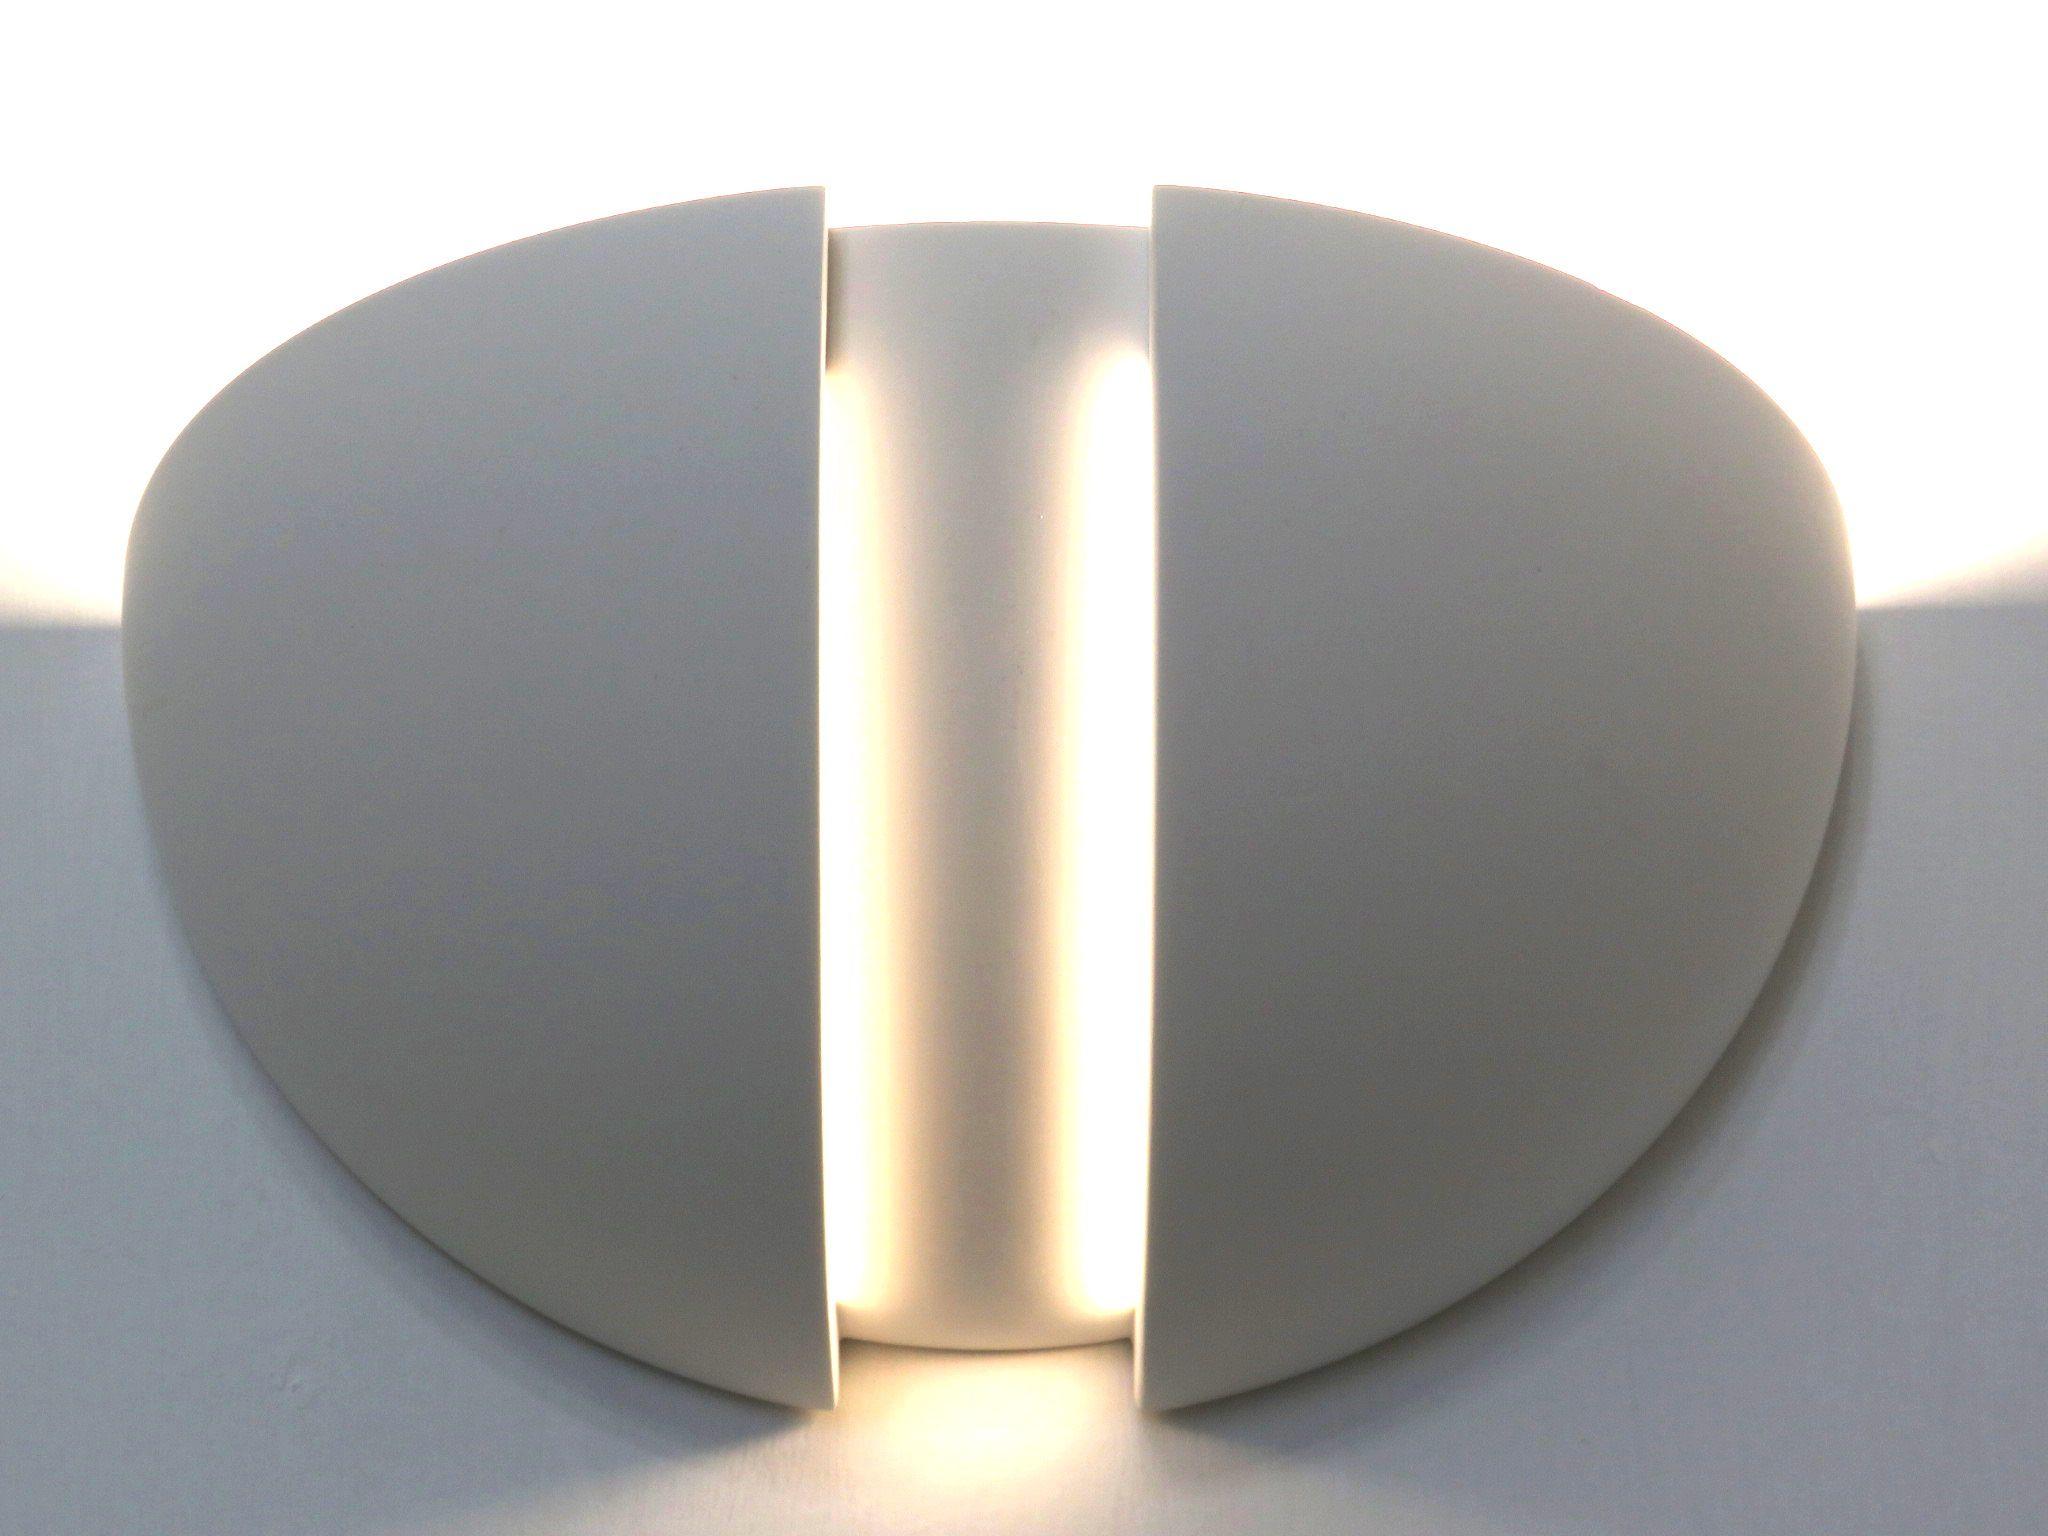 Applique moderno in ceramica a forma di mezzasfera con spiragli di